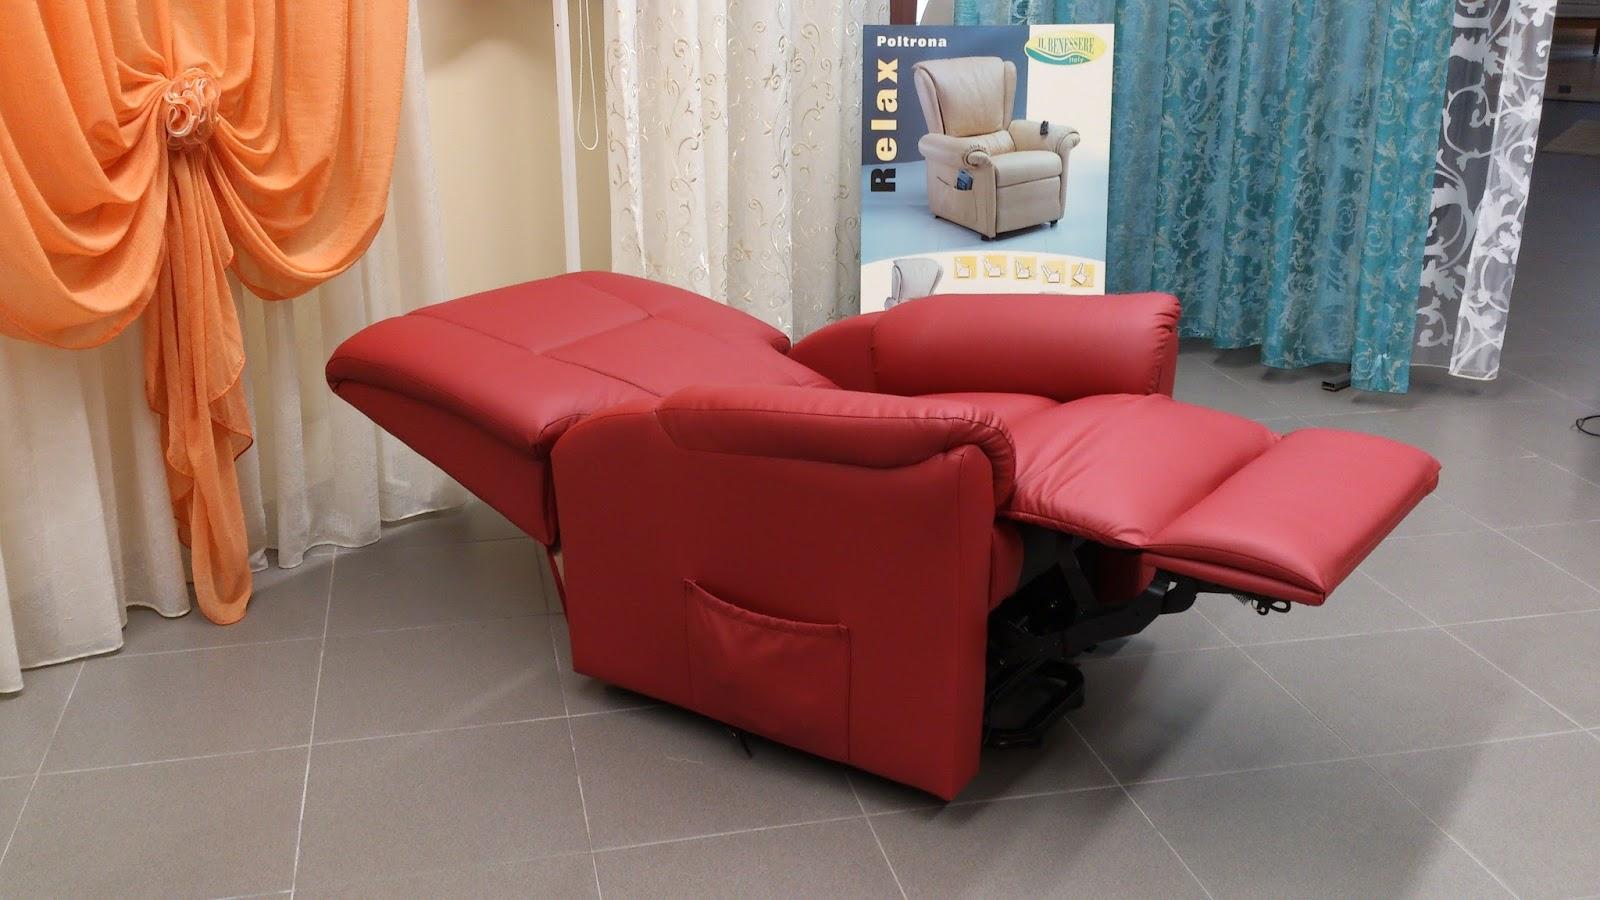 Prezzi e offerte poltrone elettriche per anziani e disabili: Serena - poltron...